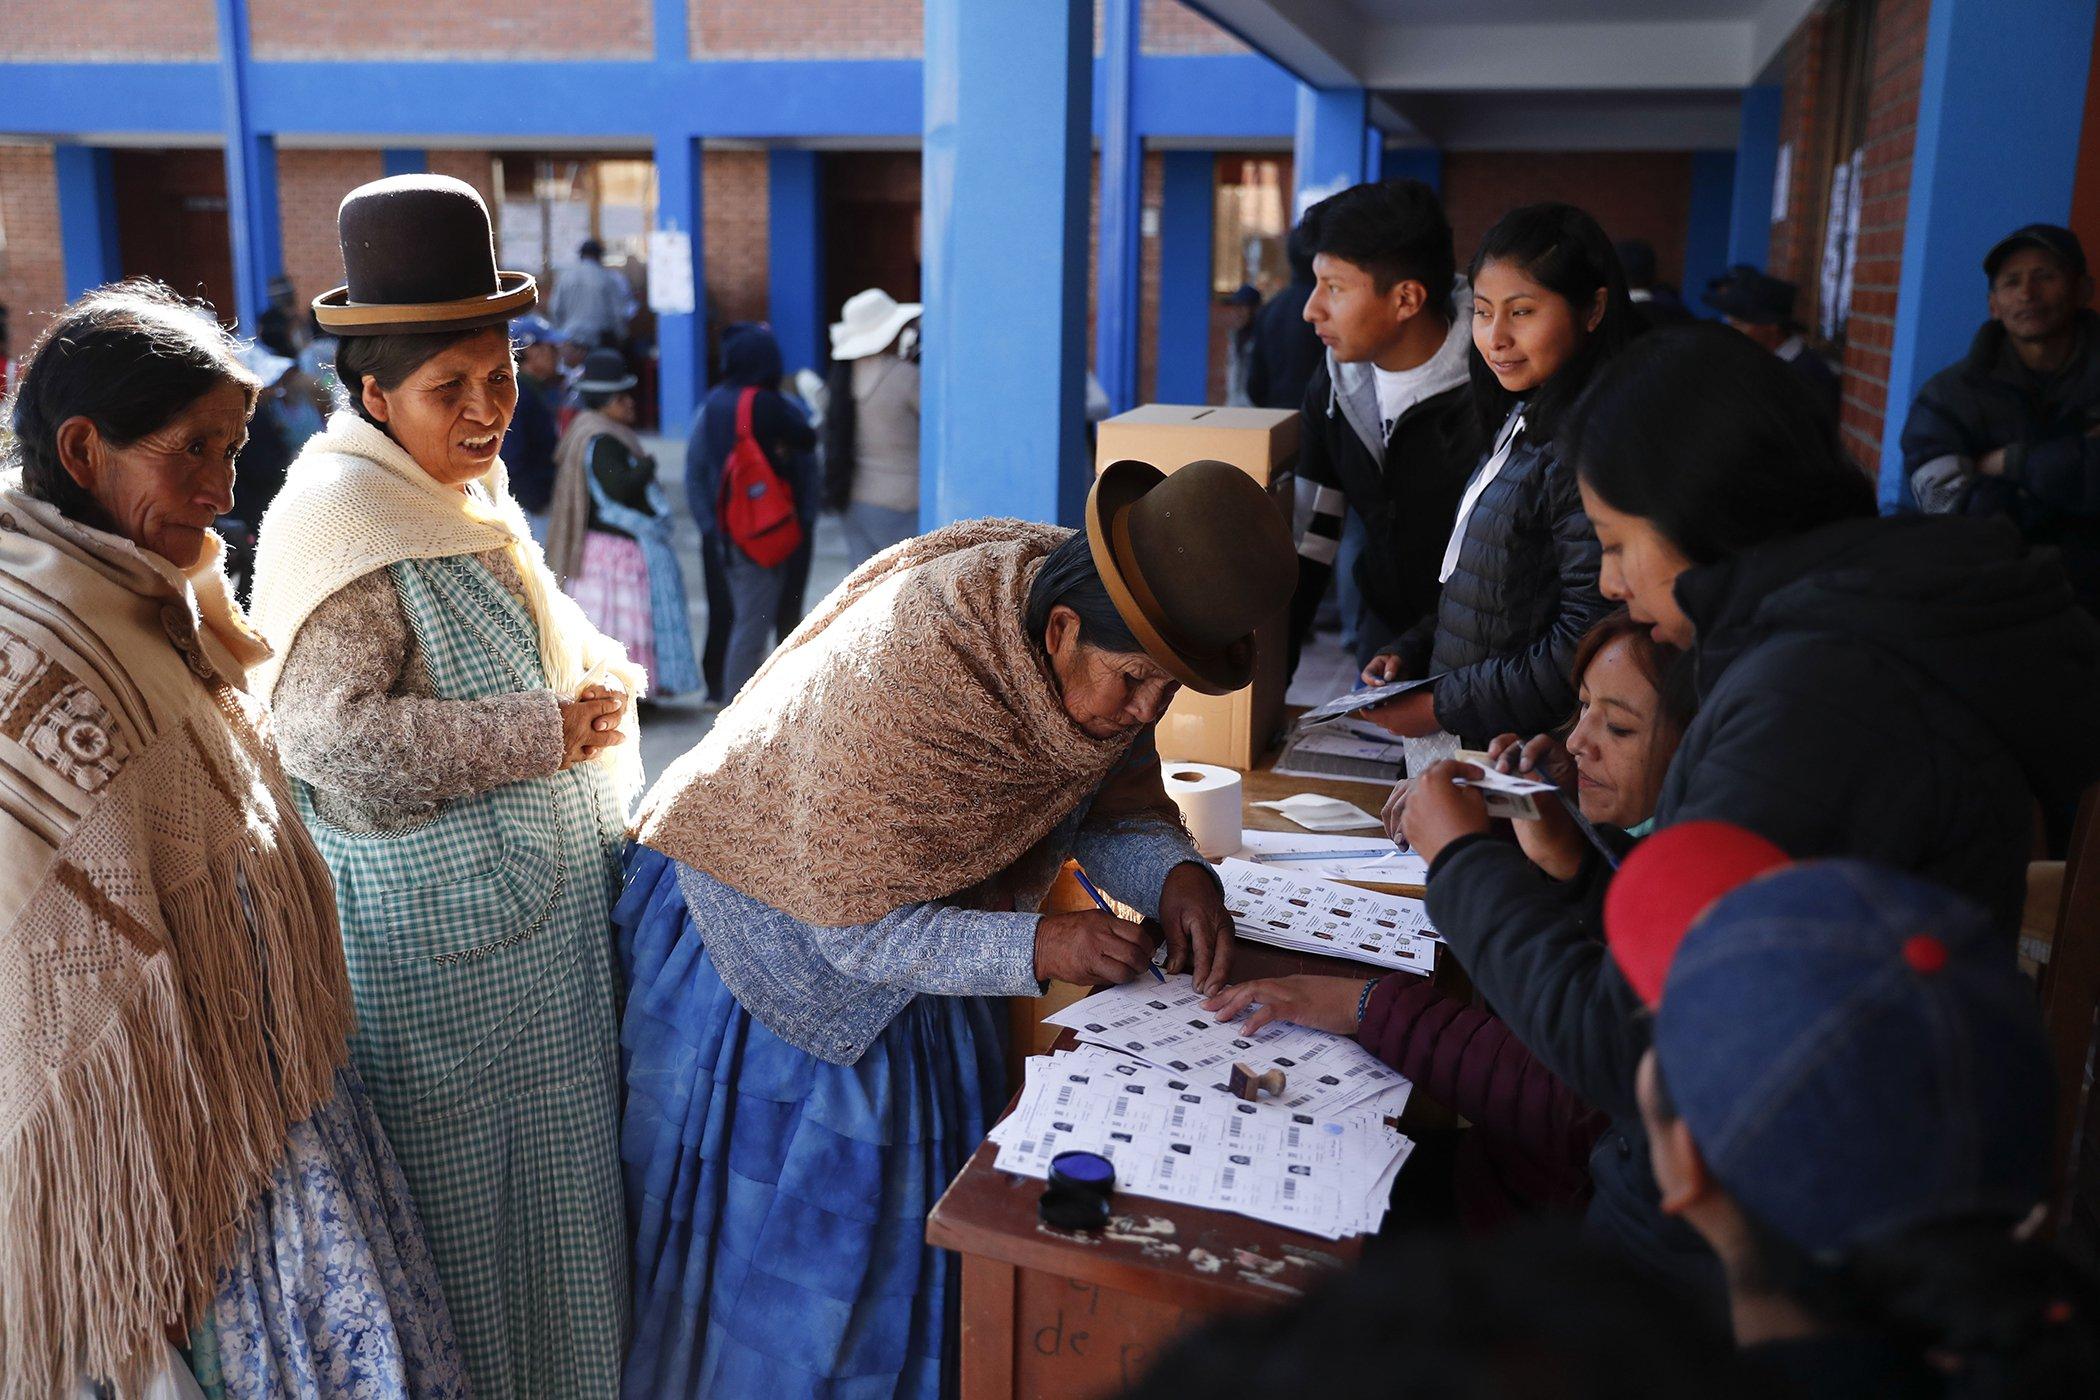 Voting-Around-The-World-Bolivia.jpg